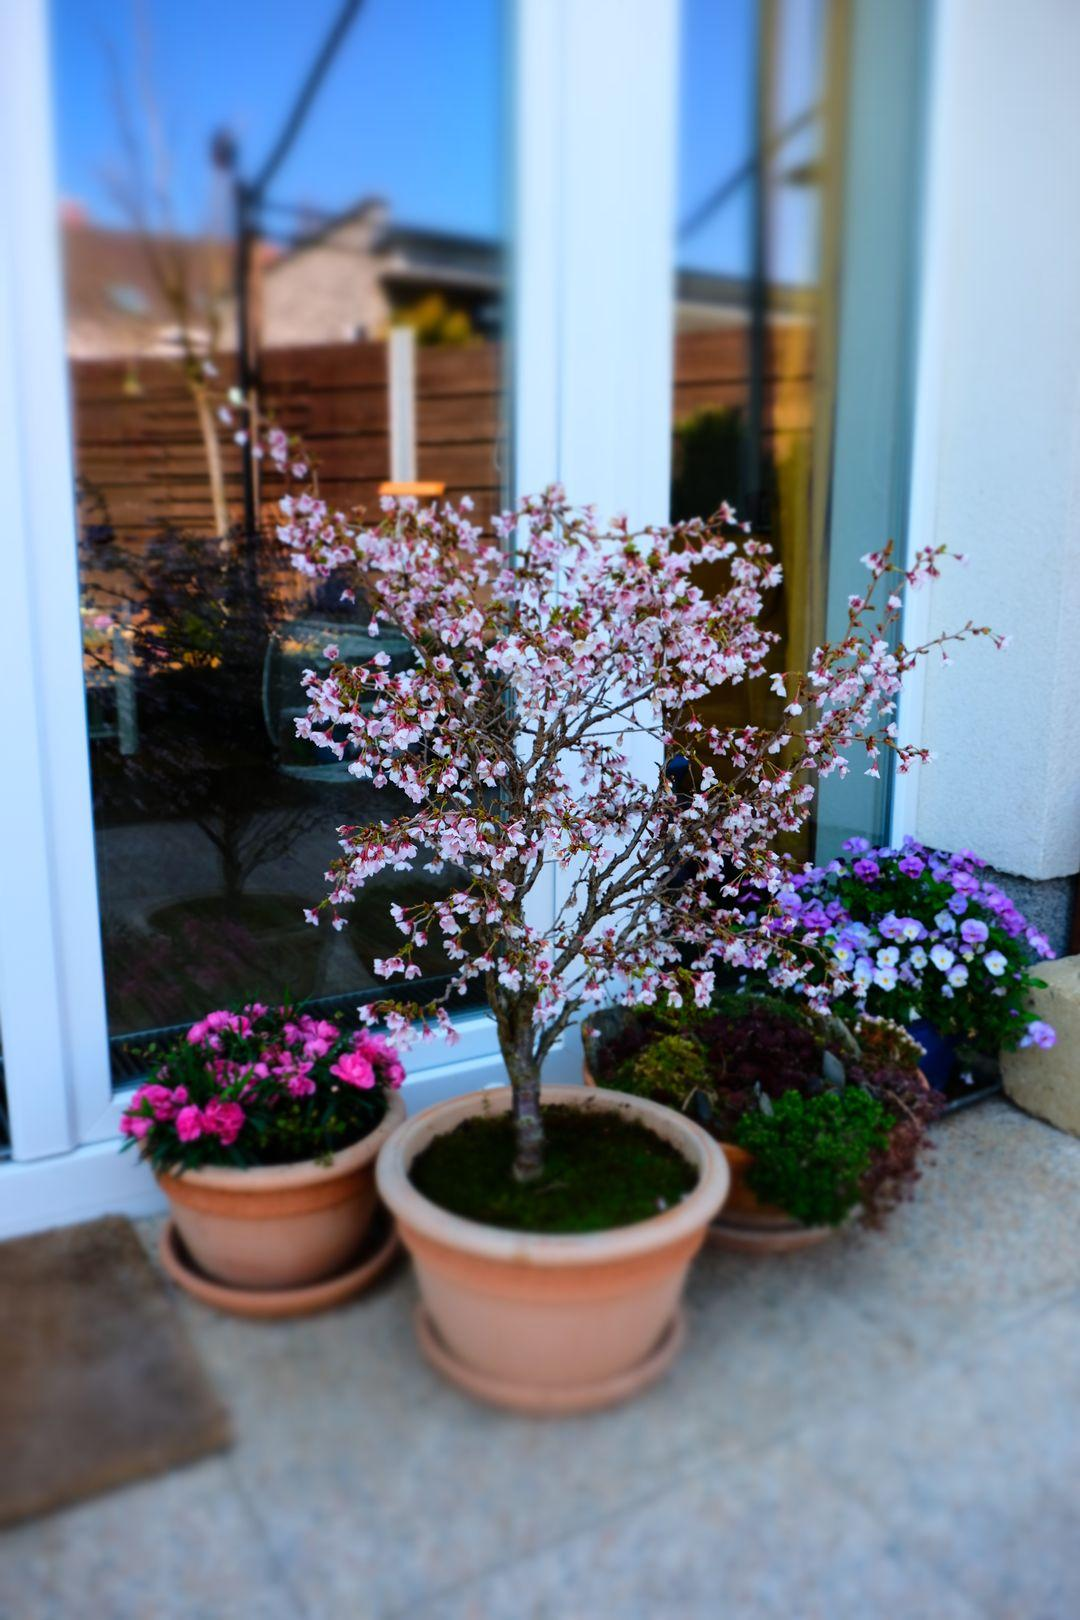 Naša záhradka 2020 - Okrasna slivon v kvetinaci mi kvitne uz tretiu jar. Pod nou macesky a hvozdiky.